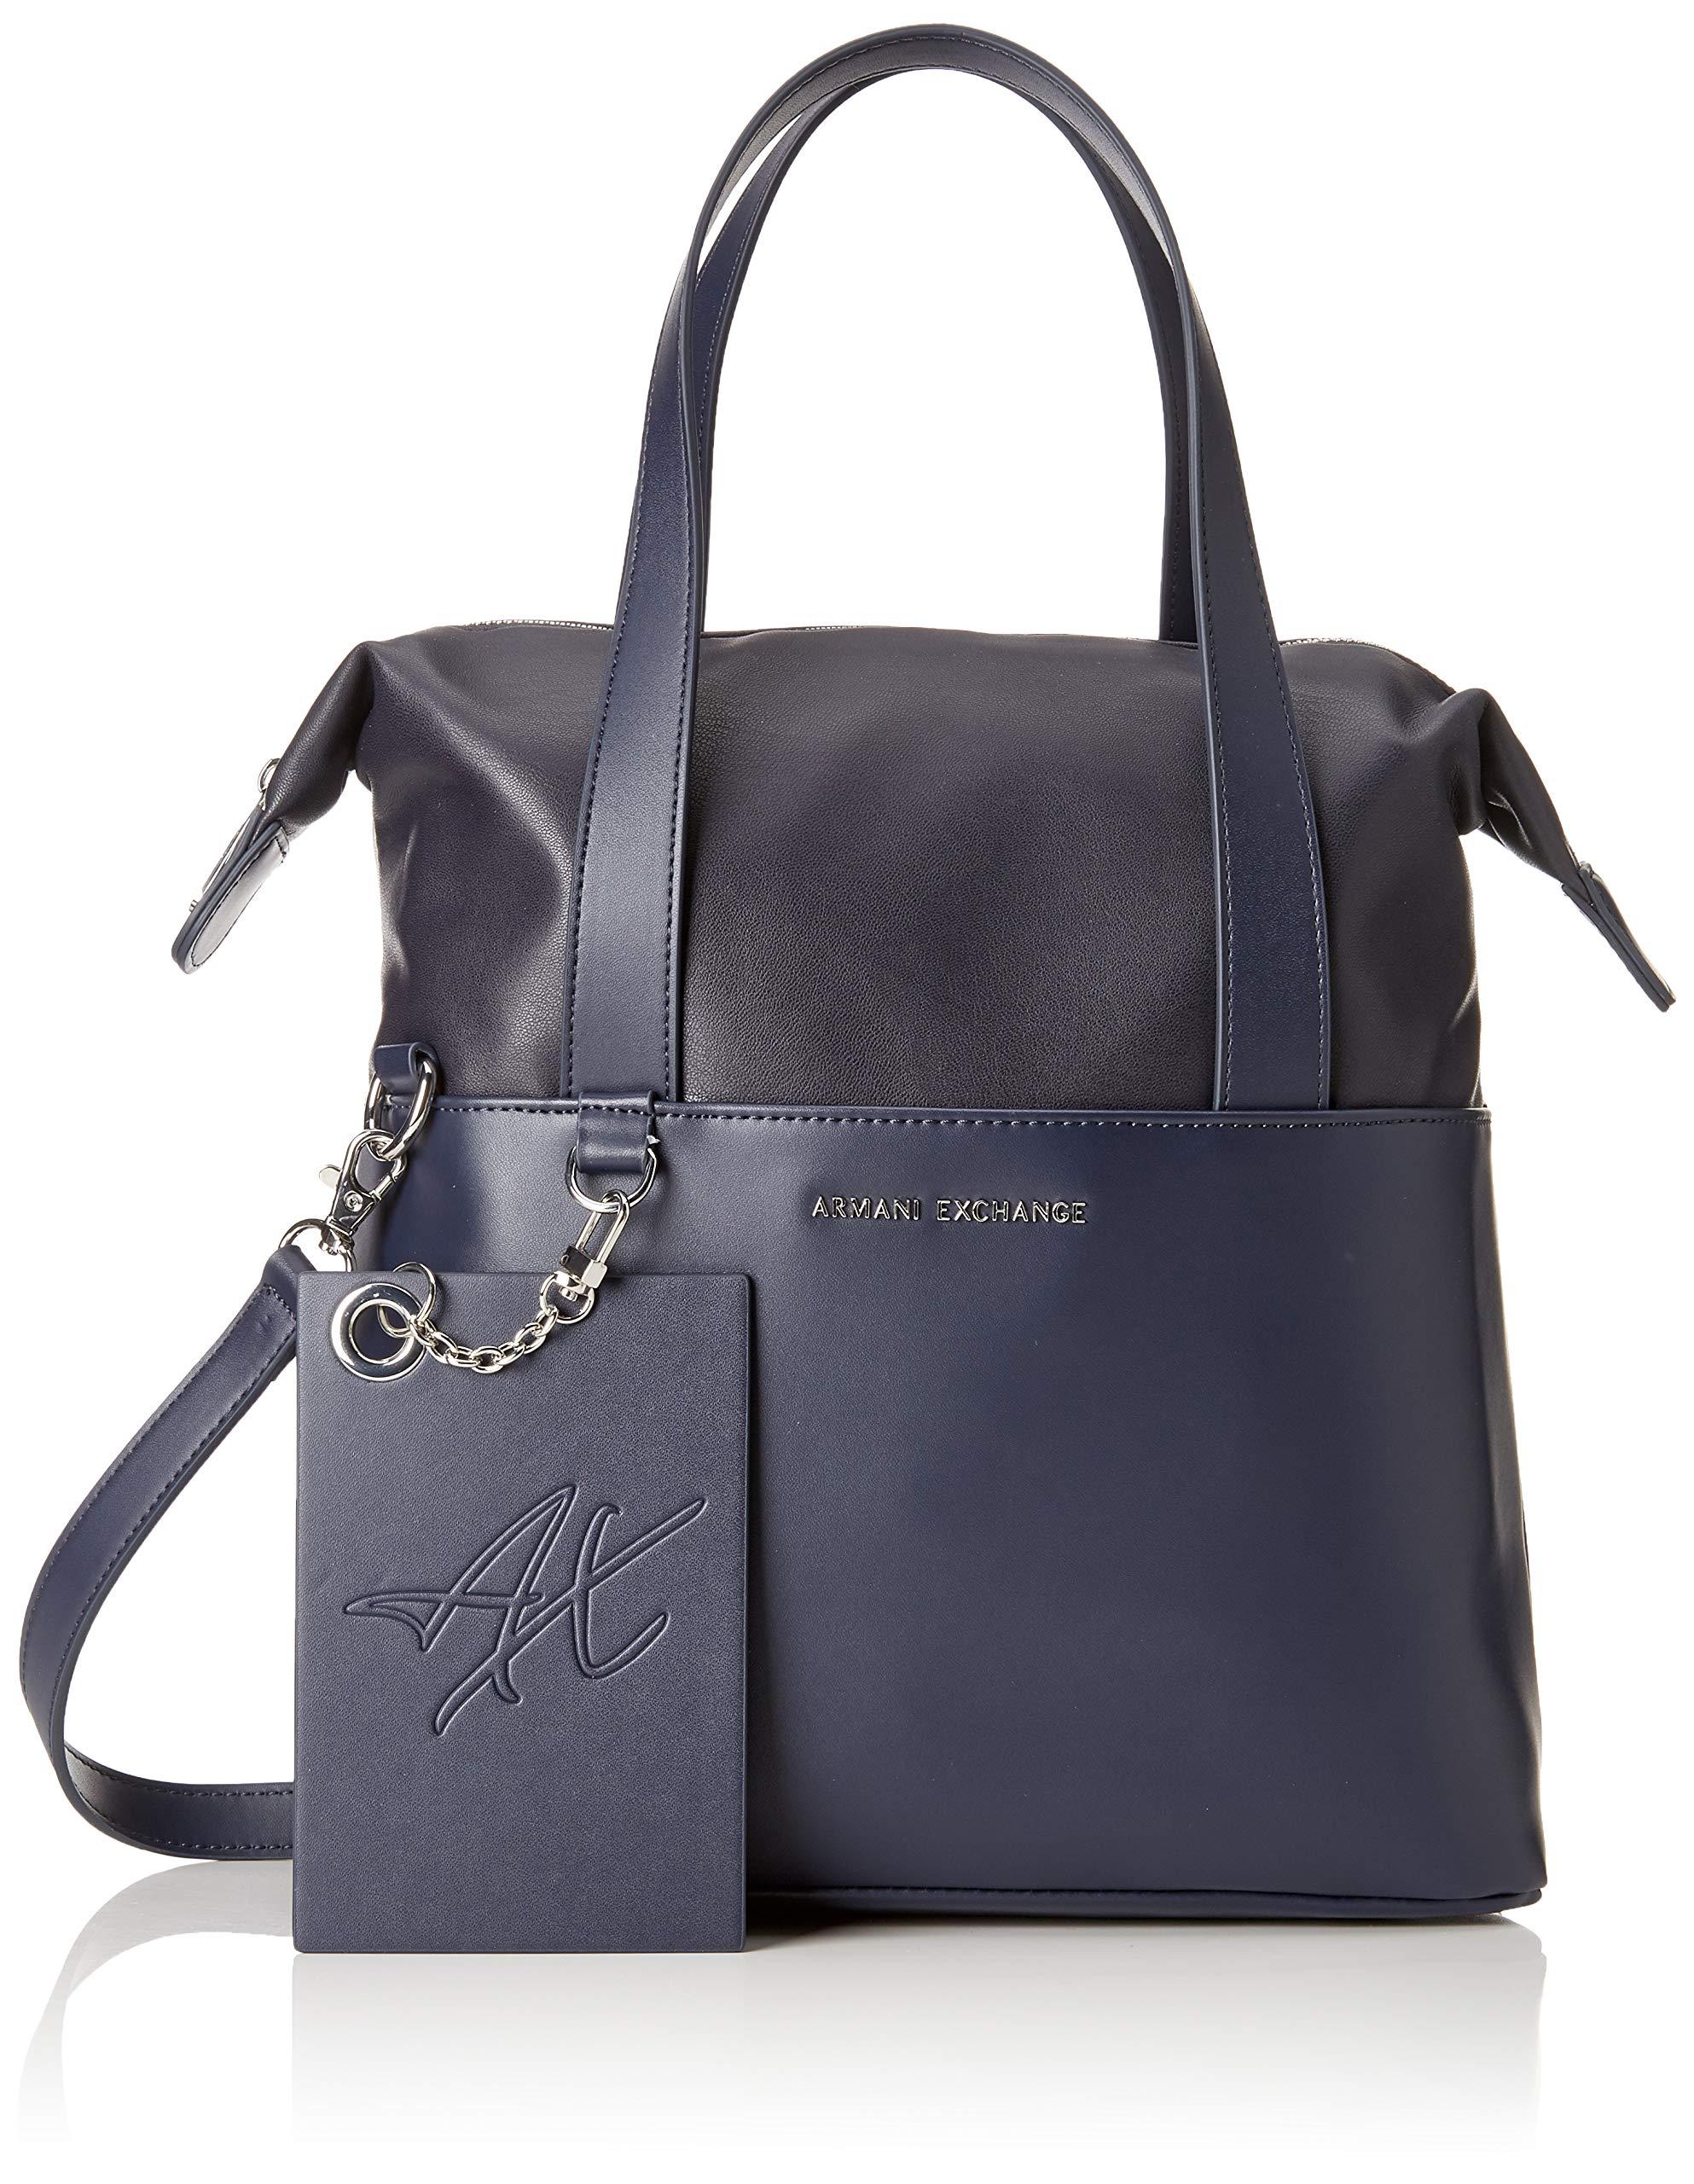 Armani BagBorse Shop Spalla Donna Face A Exchange Shopping Small 0PXwk8nO